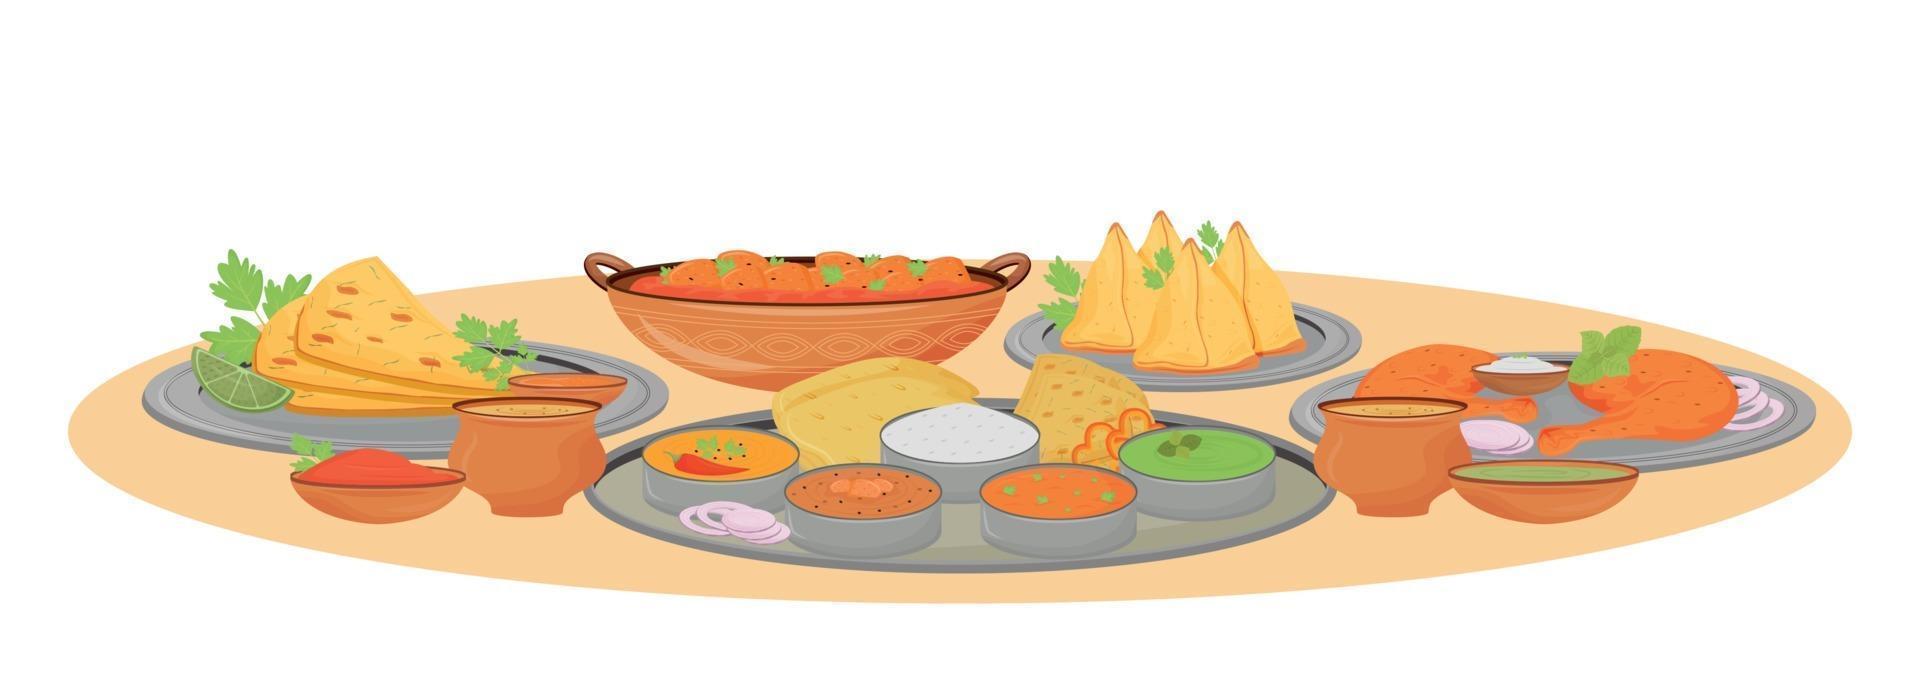 indiska rätter som serverar tecknad vektorillustration. traditionella rätter och kryddiga såser i thali-plattfärgobjekt. indisk restaurangmat, serverad bordsyta isolerad på vit bakgrund vektor